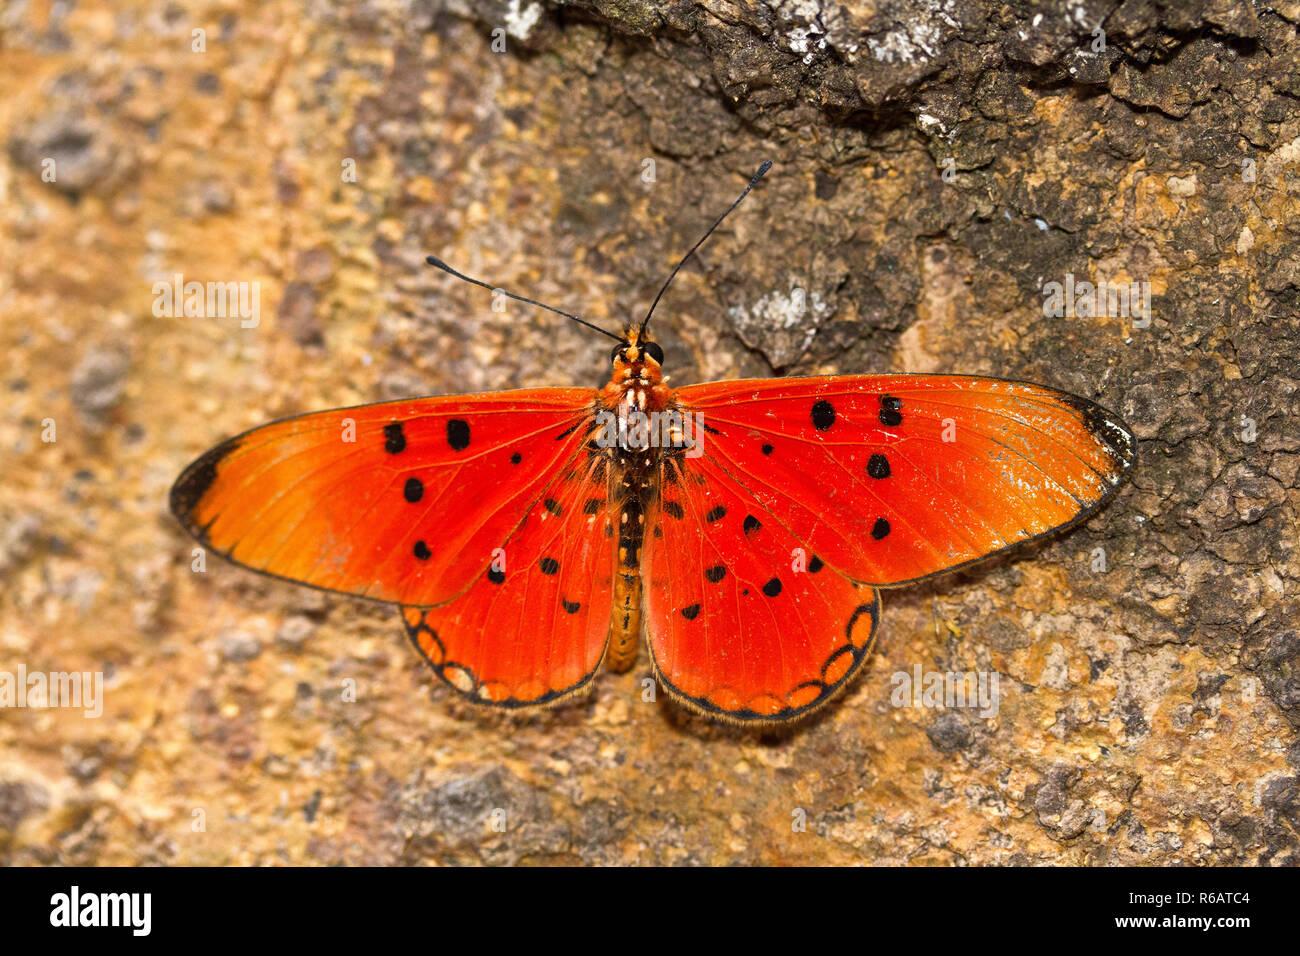 Die Feurige Acarea ist einer der heller gefärbt dieses gemeinsamen Schmetterling Familie und Teil der Bürste-footed Schmetterlinge, dass trotz vividl Stockbild